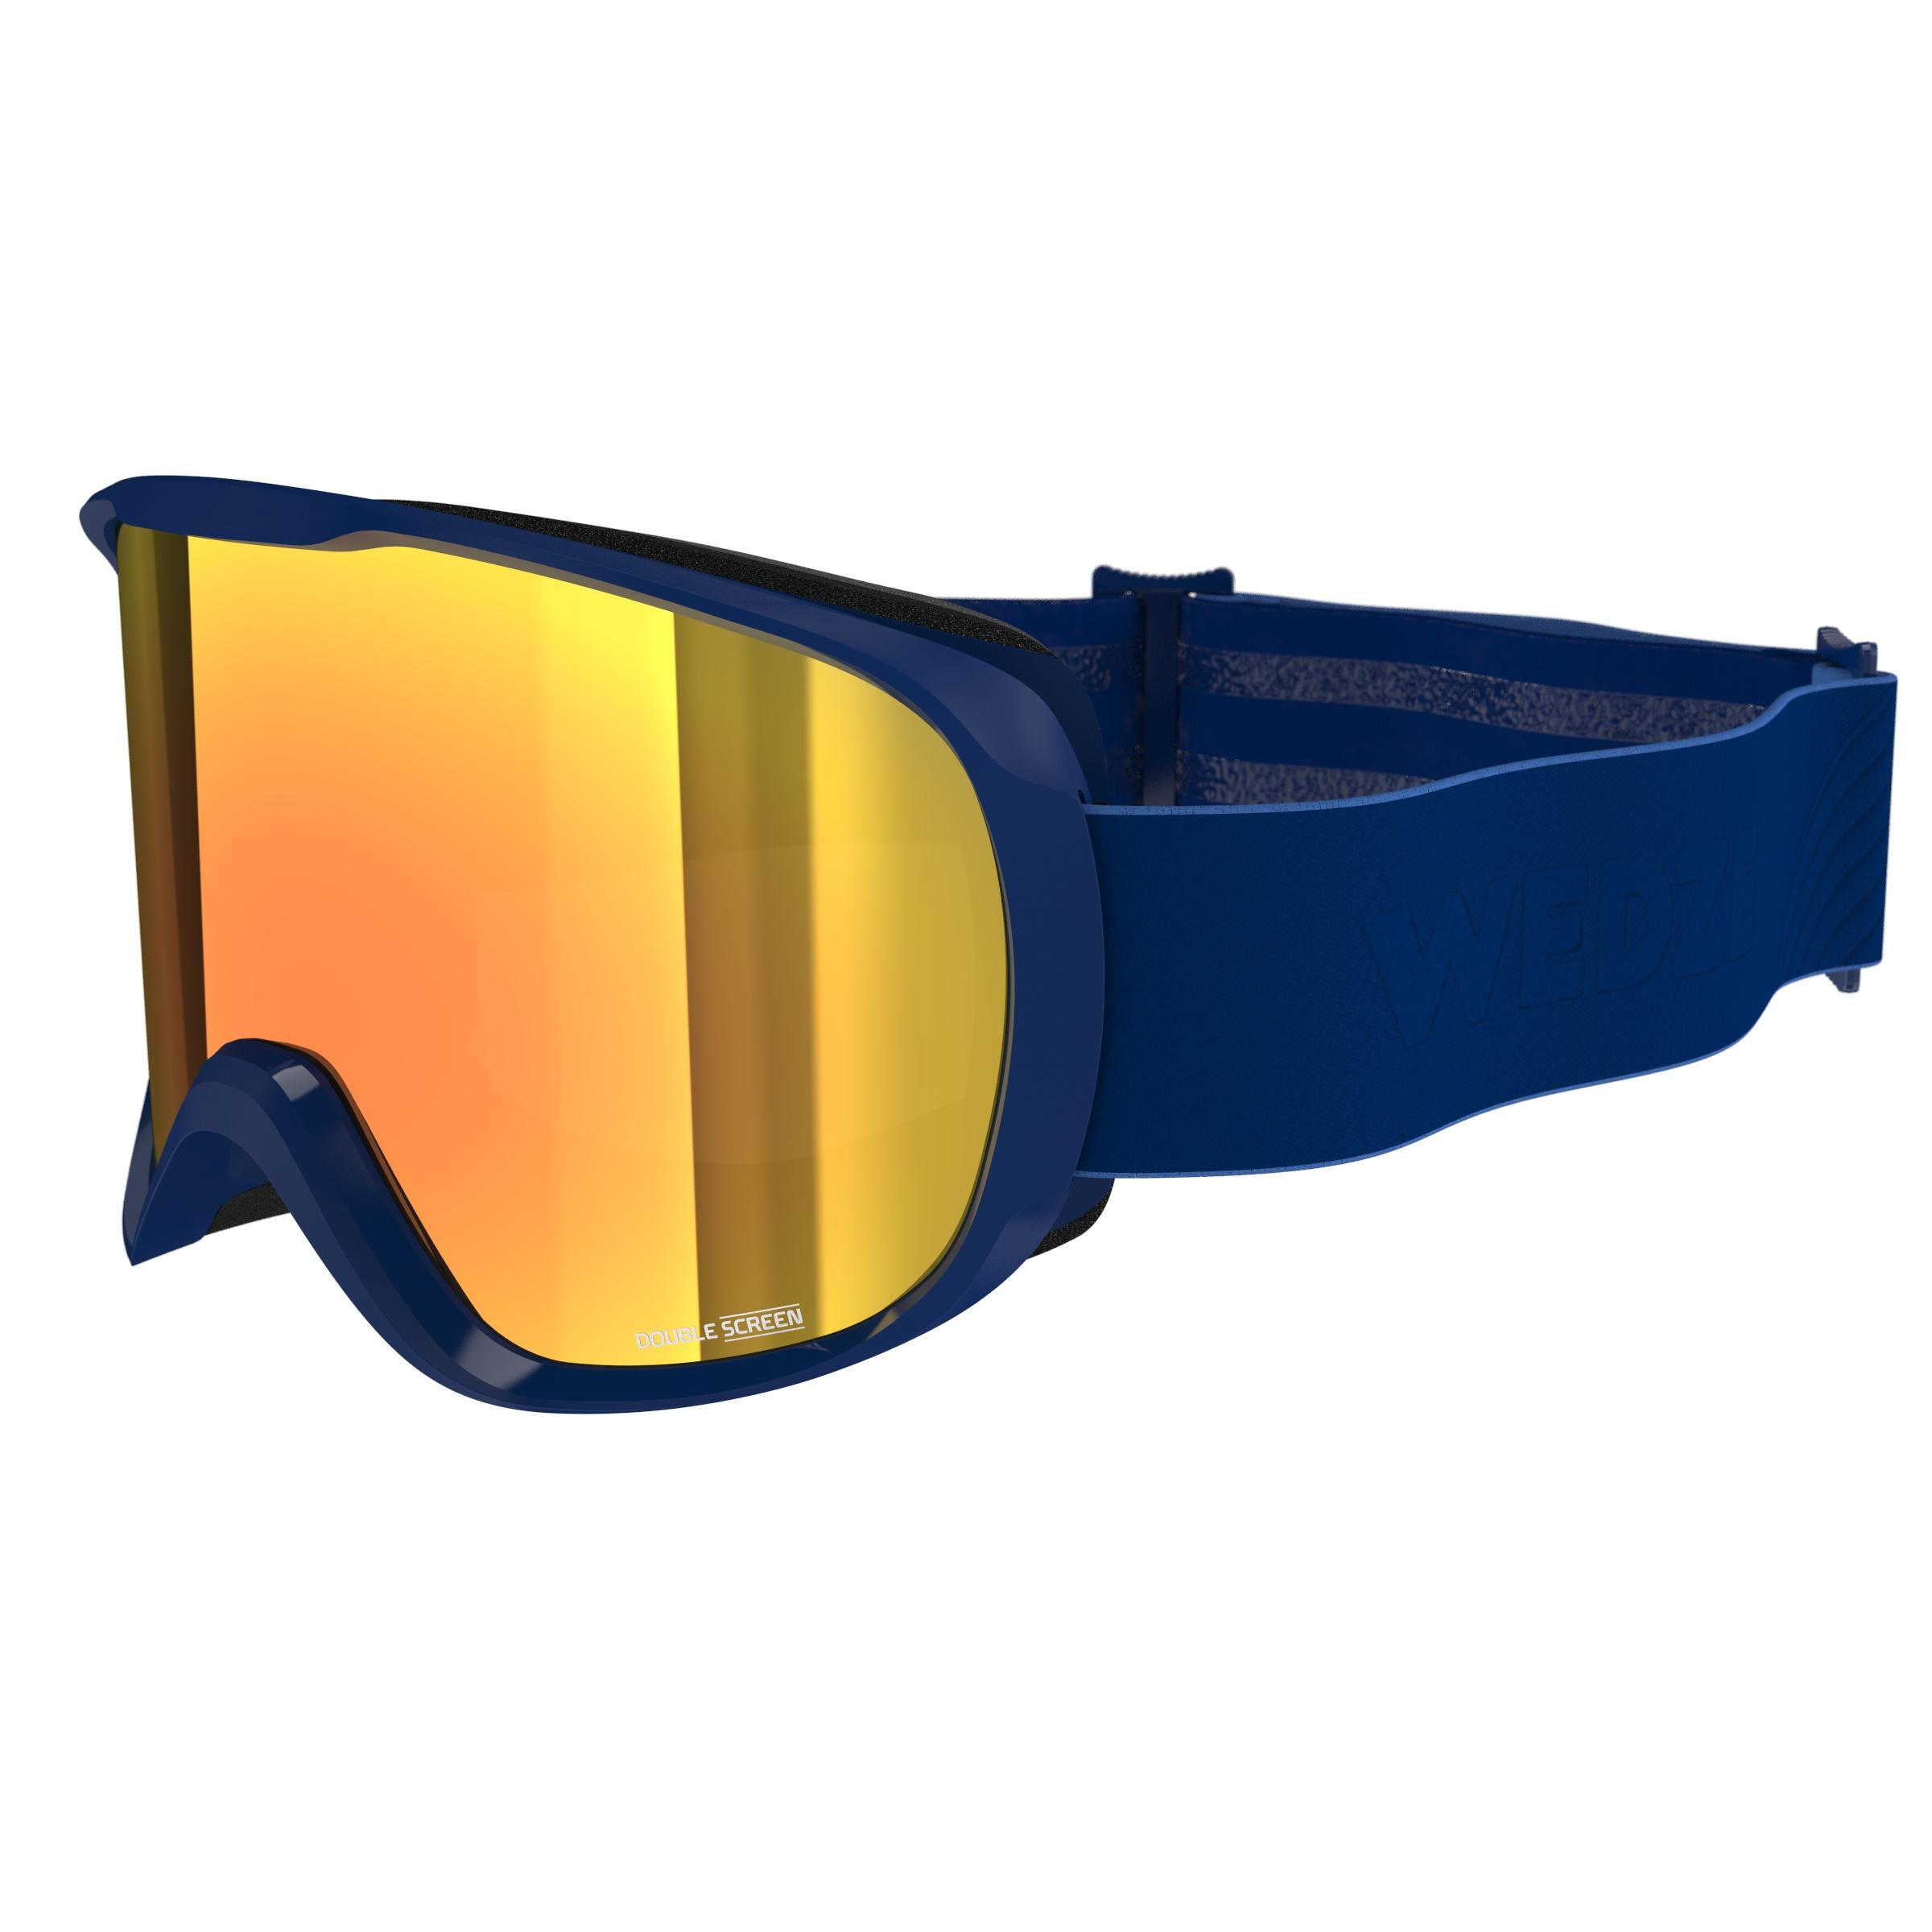 Ochelari de schi G 500 S3 la Reducere poza